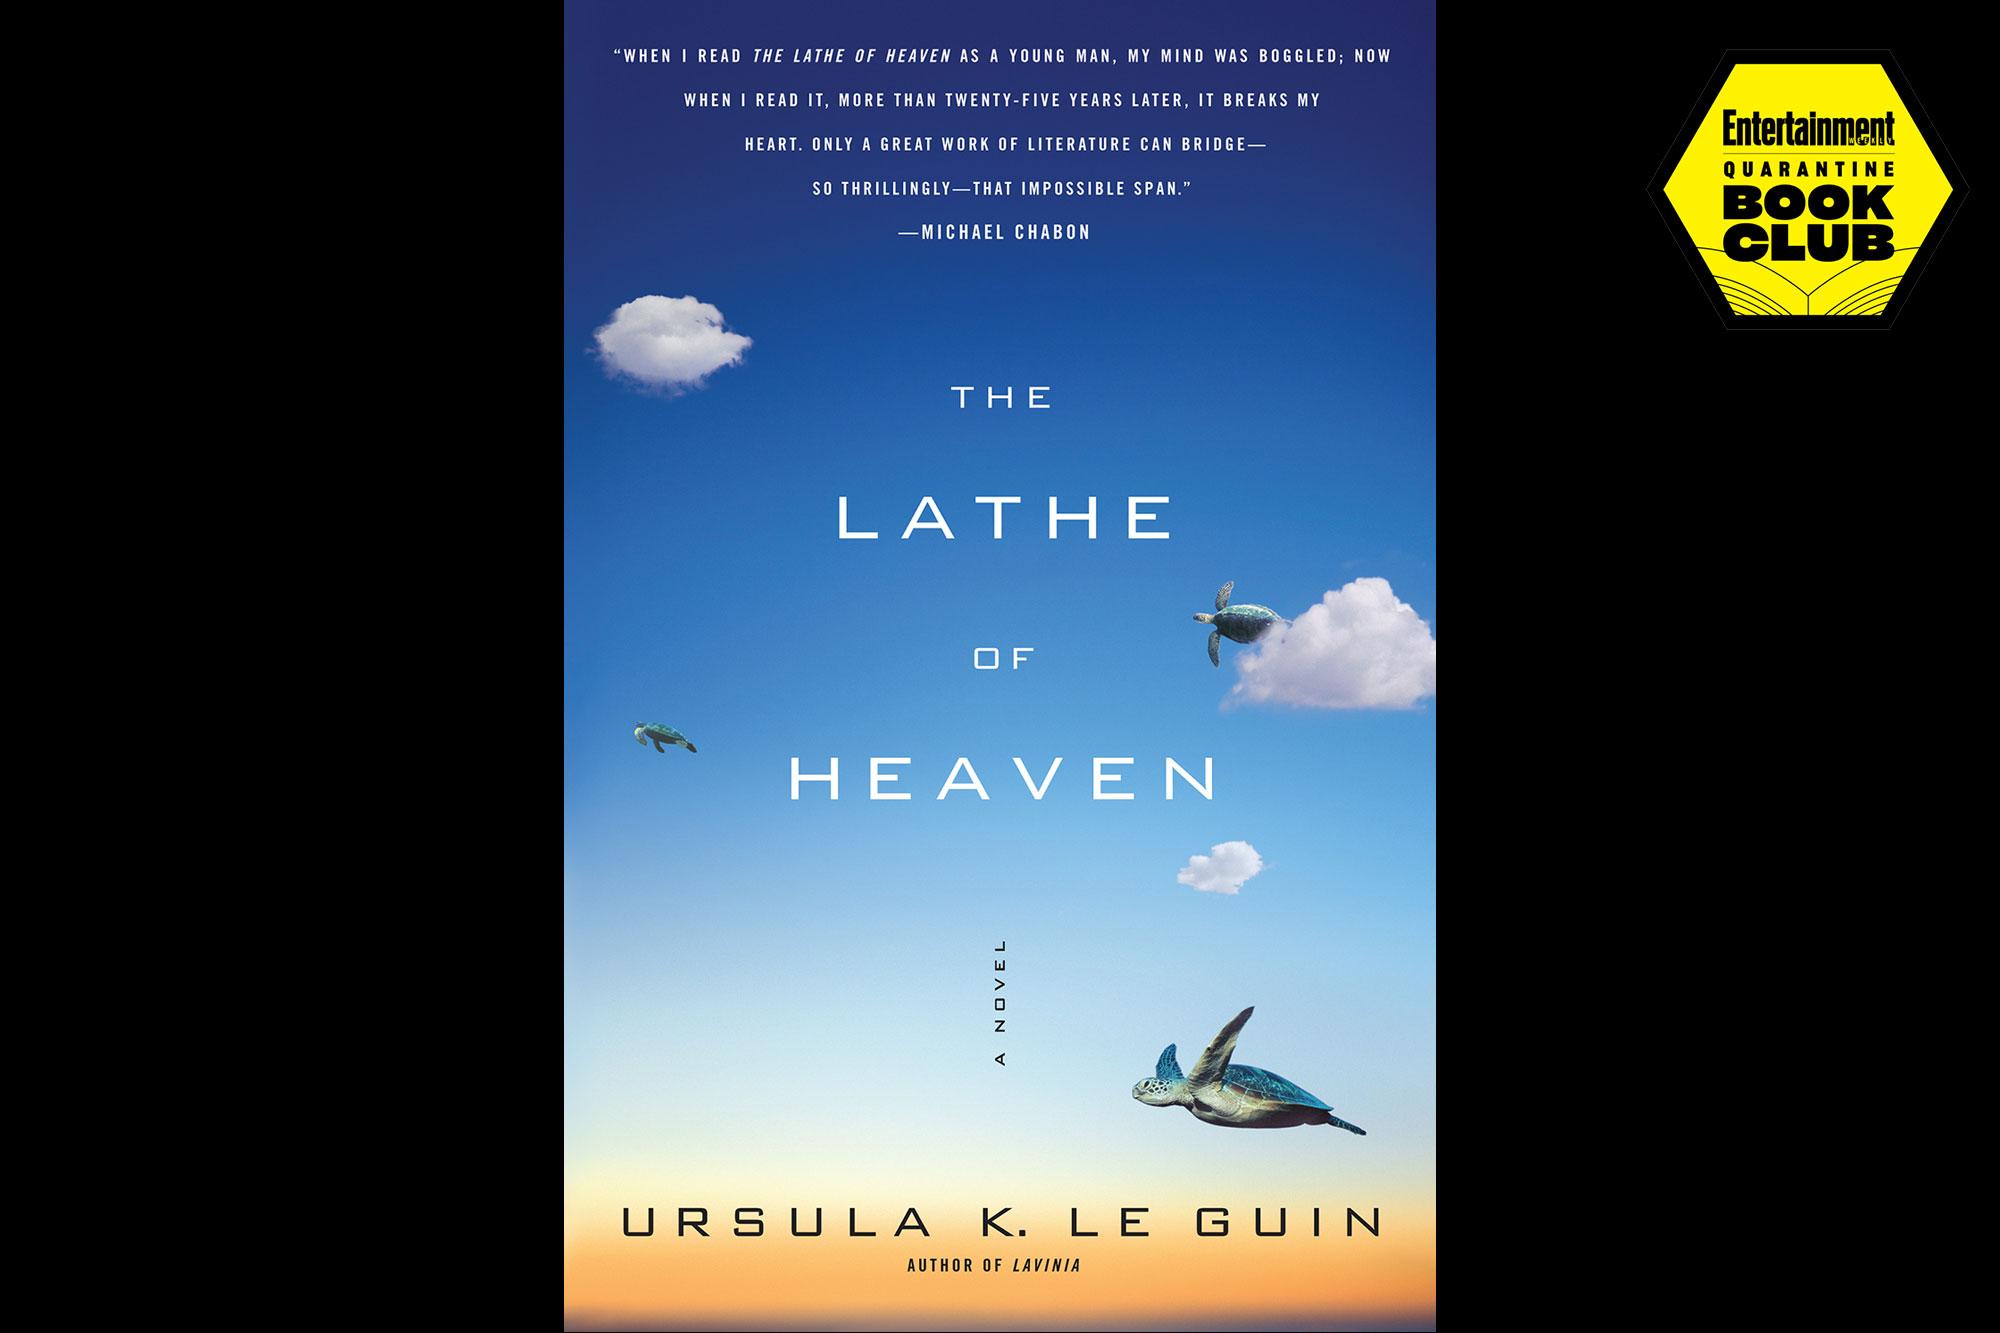 TOUT SOCIAL Lathe of Heaven by Ursula K. Le Guin